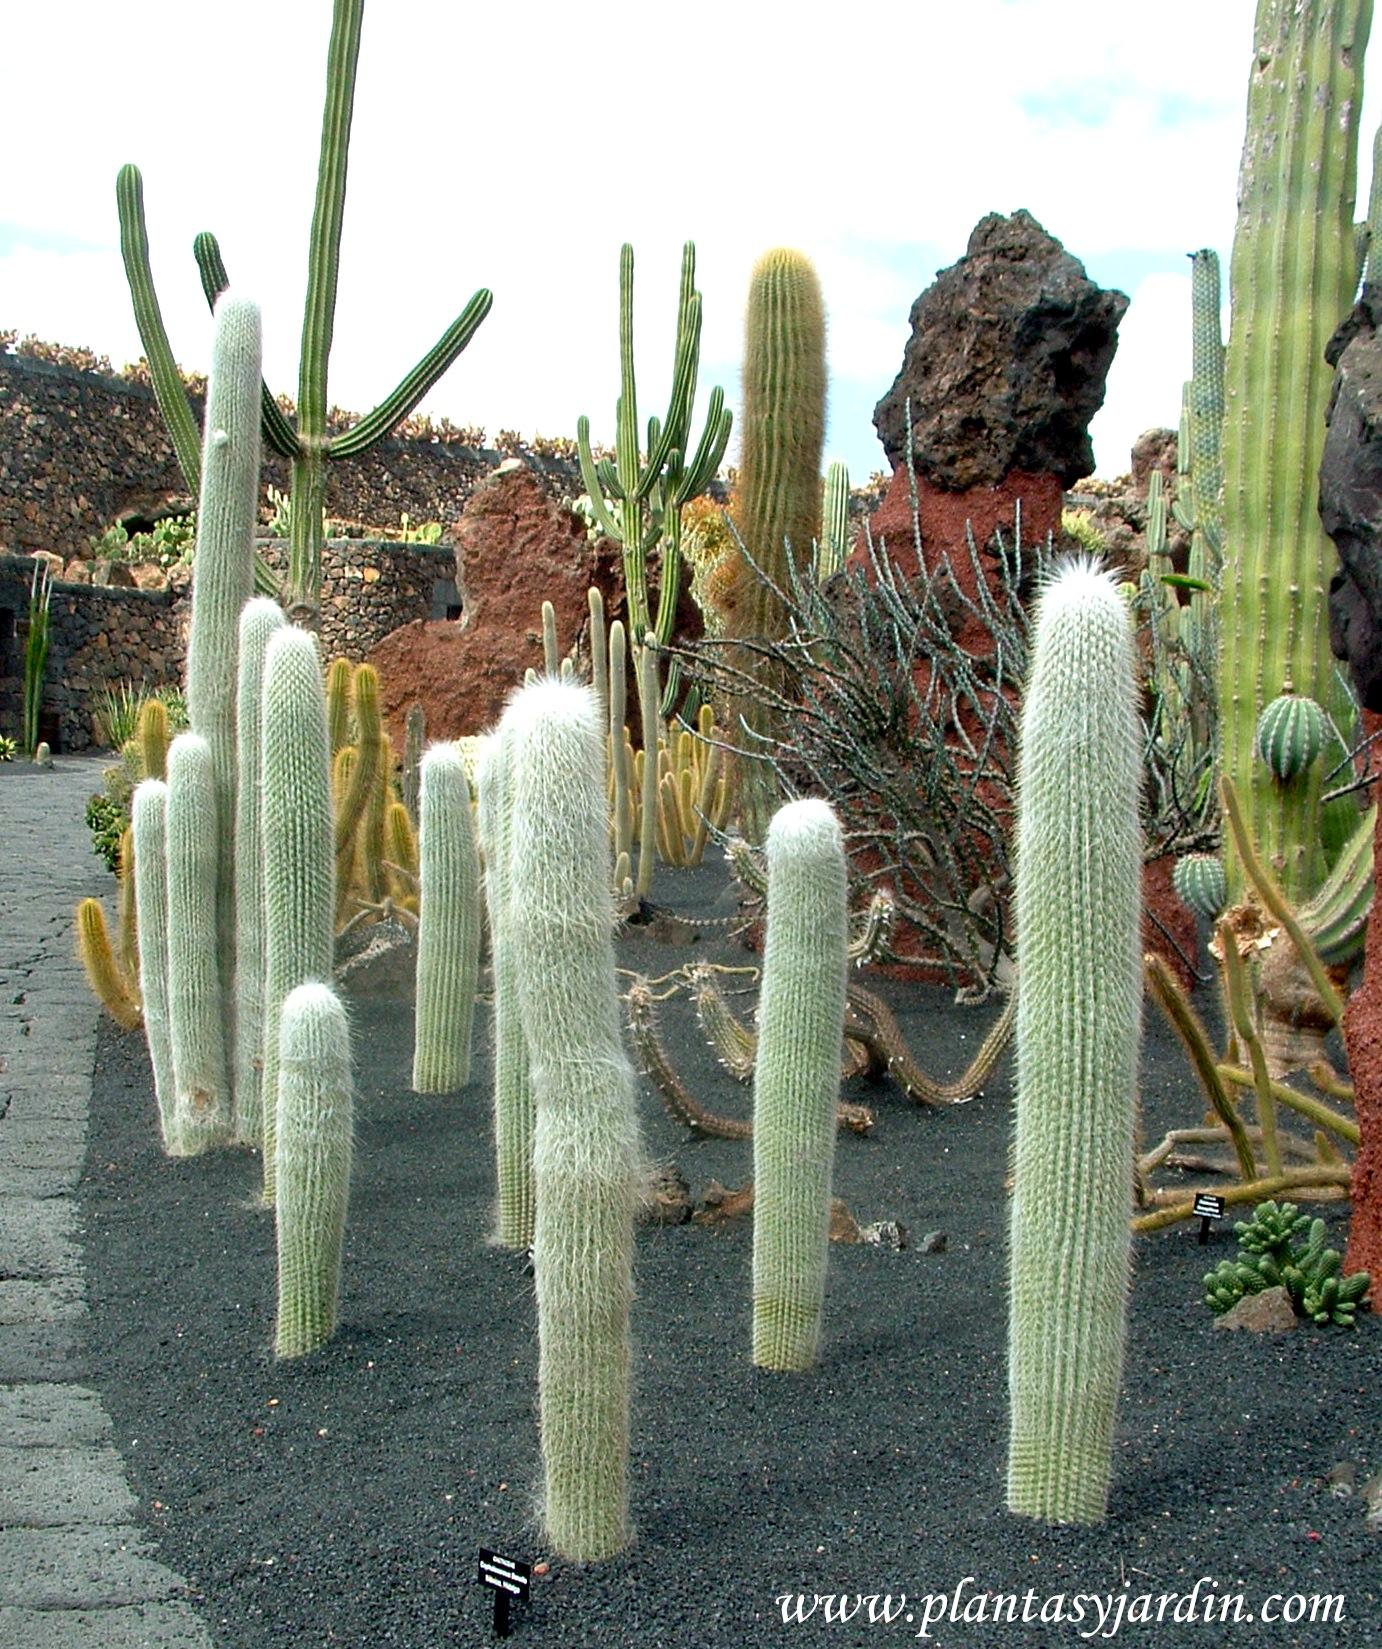 Jardin De Cactaceas Coleccion De Cactaceas Incluye Especies